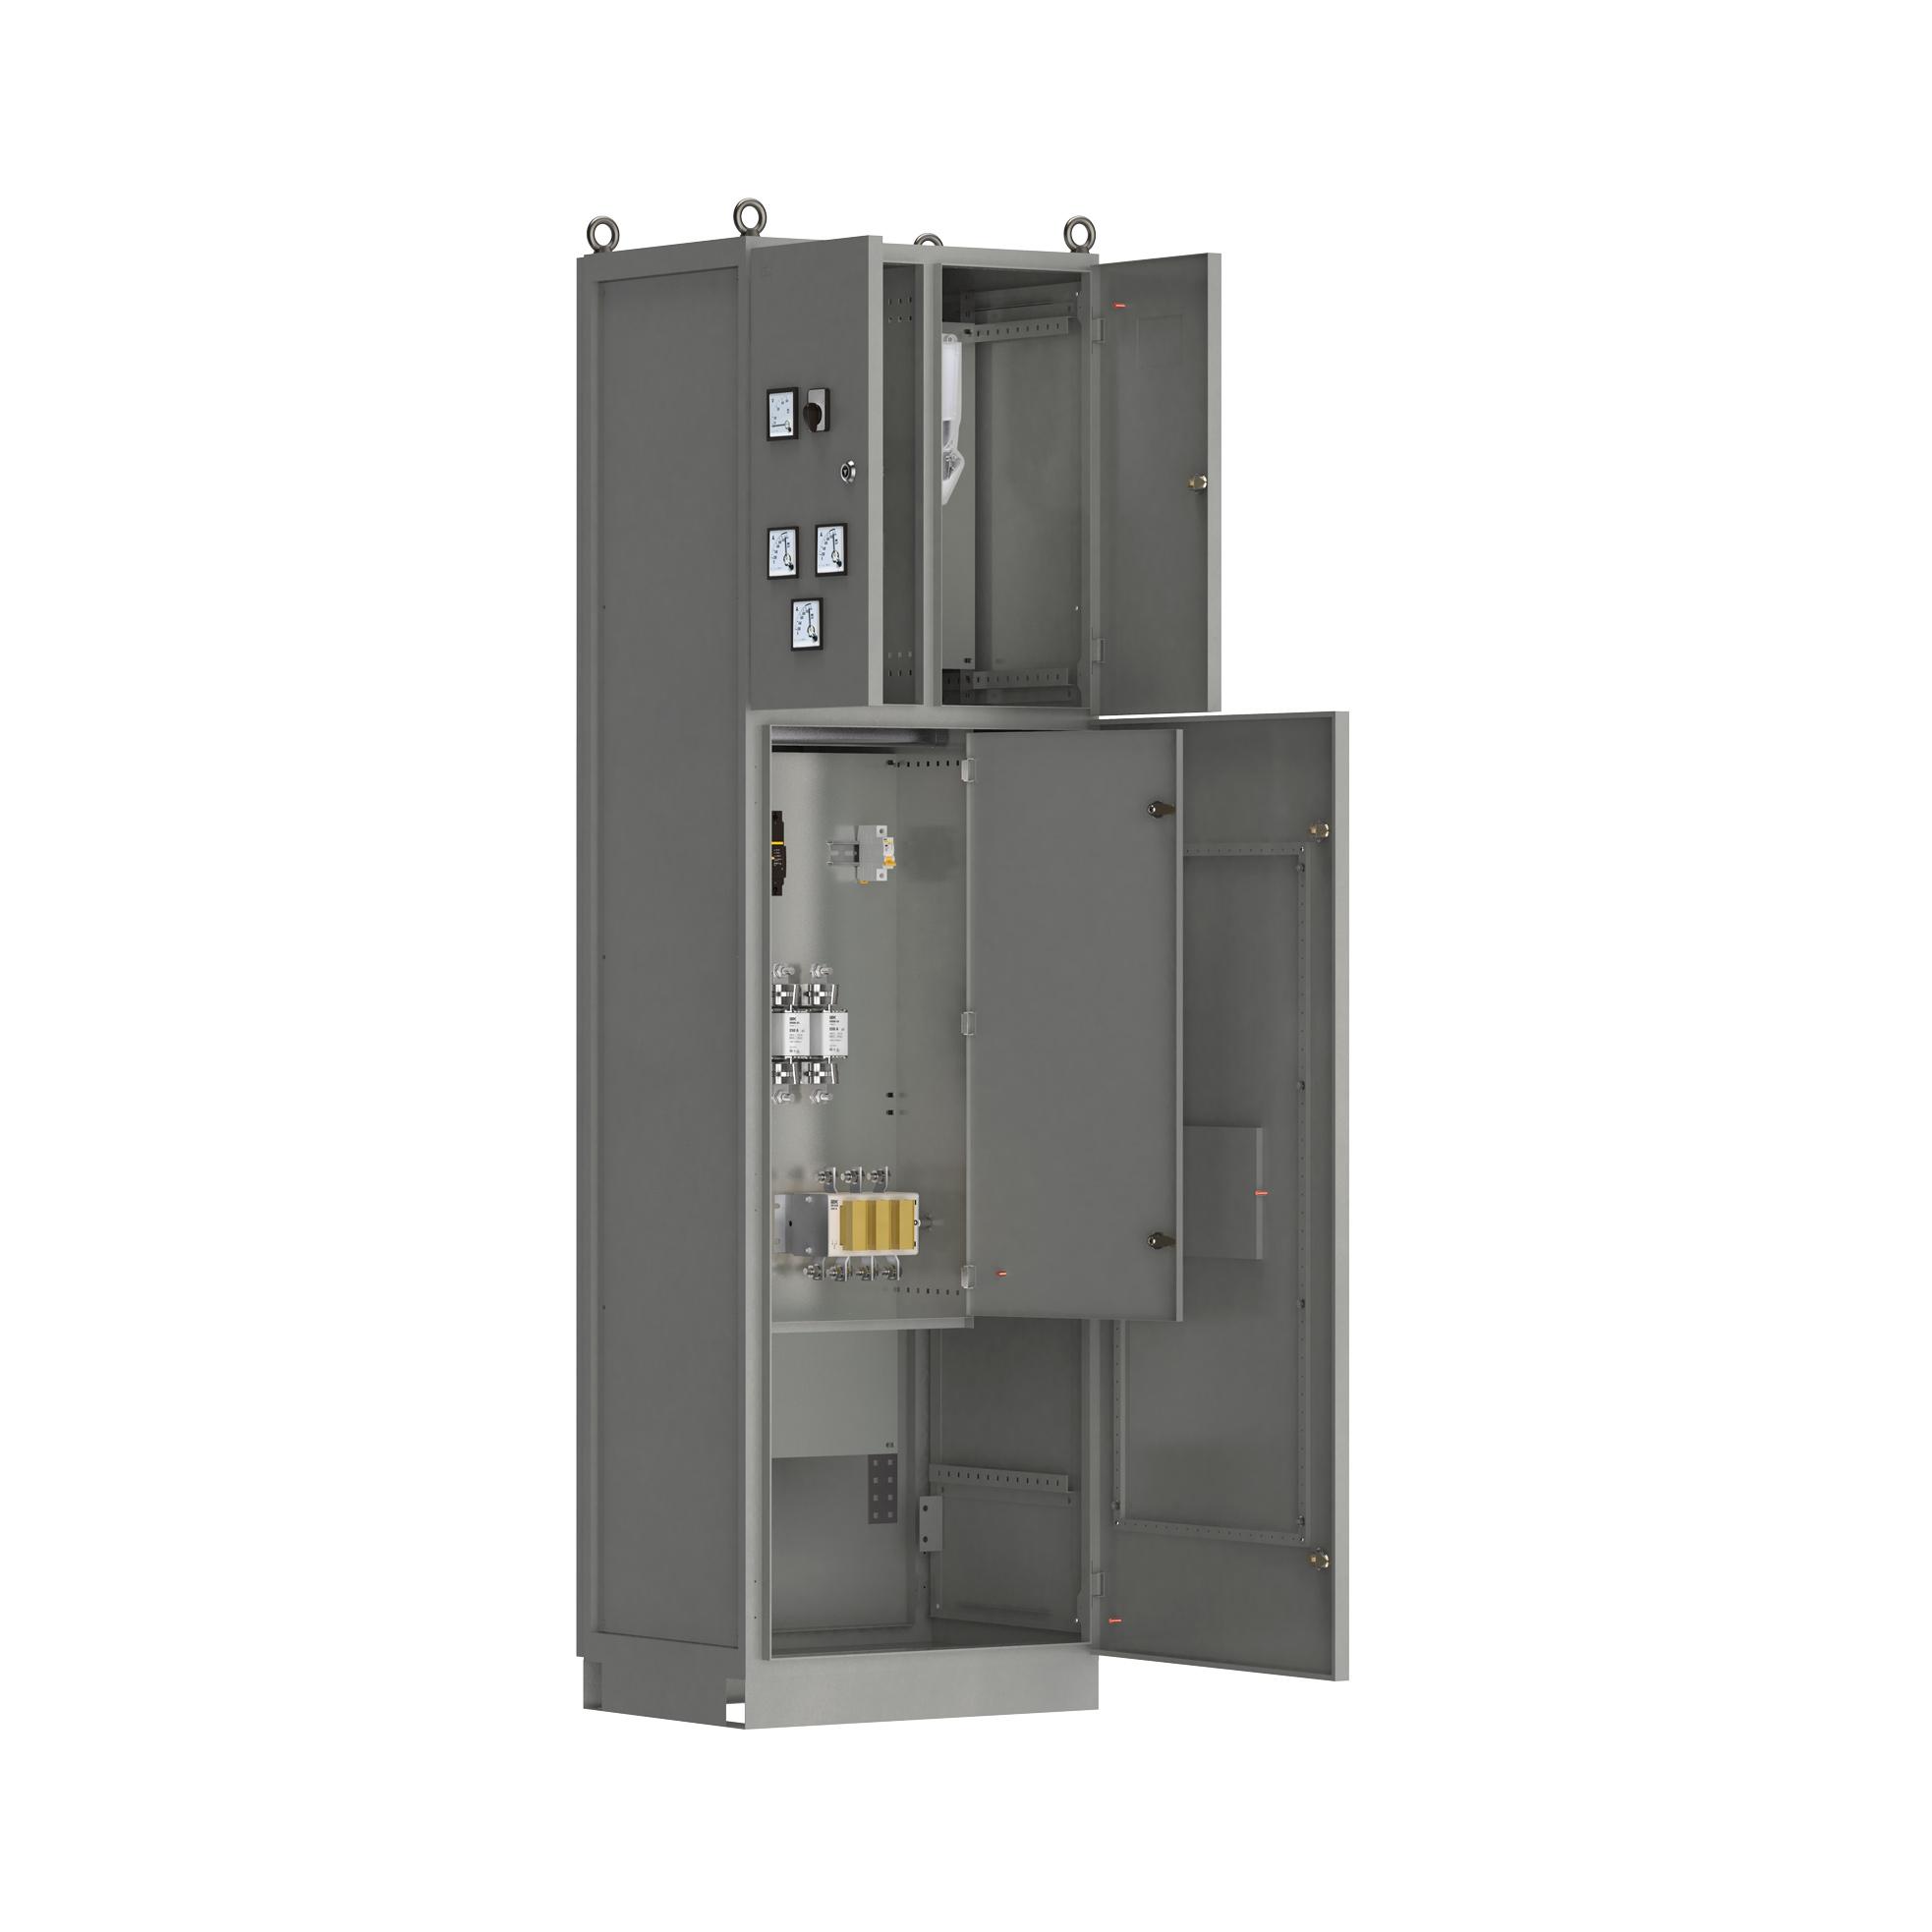 Панель вводная ВРУ-8504 МУ 3ВП-6-25-0-30 рубильник 1х250А выключатели автоматические 3Р 1х125А 1Р 1х6А плавкие вставки 3х250А и учет IEK